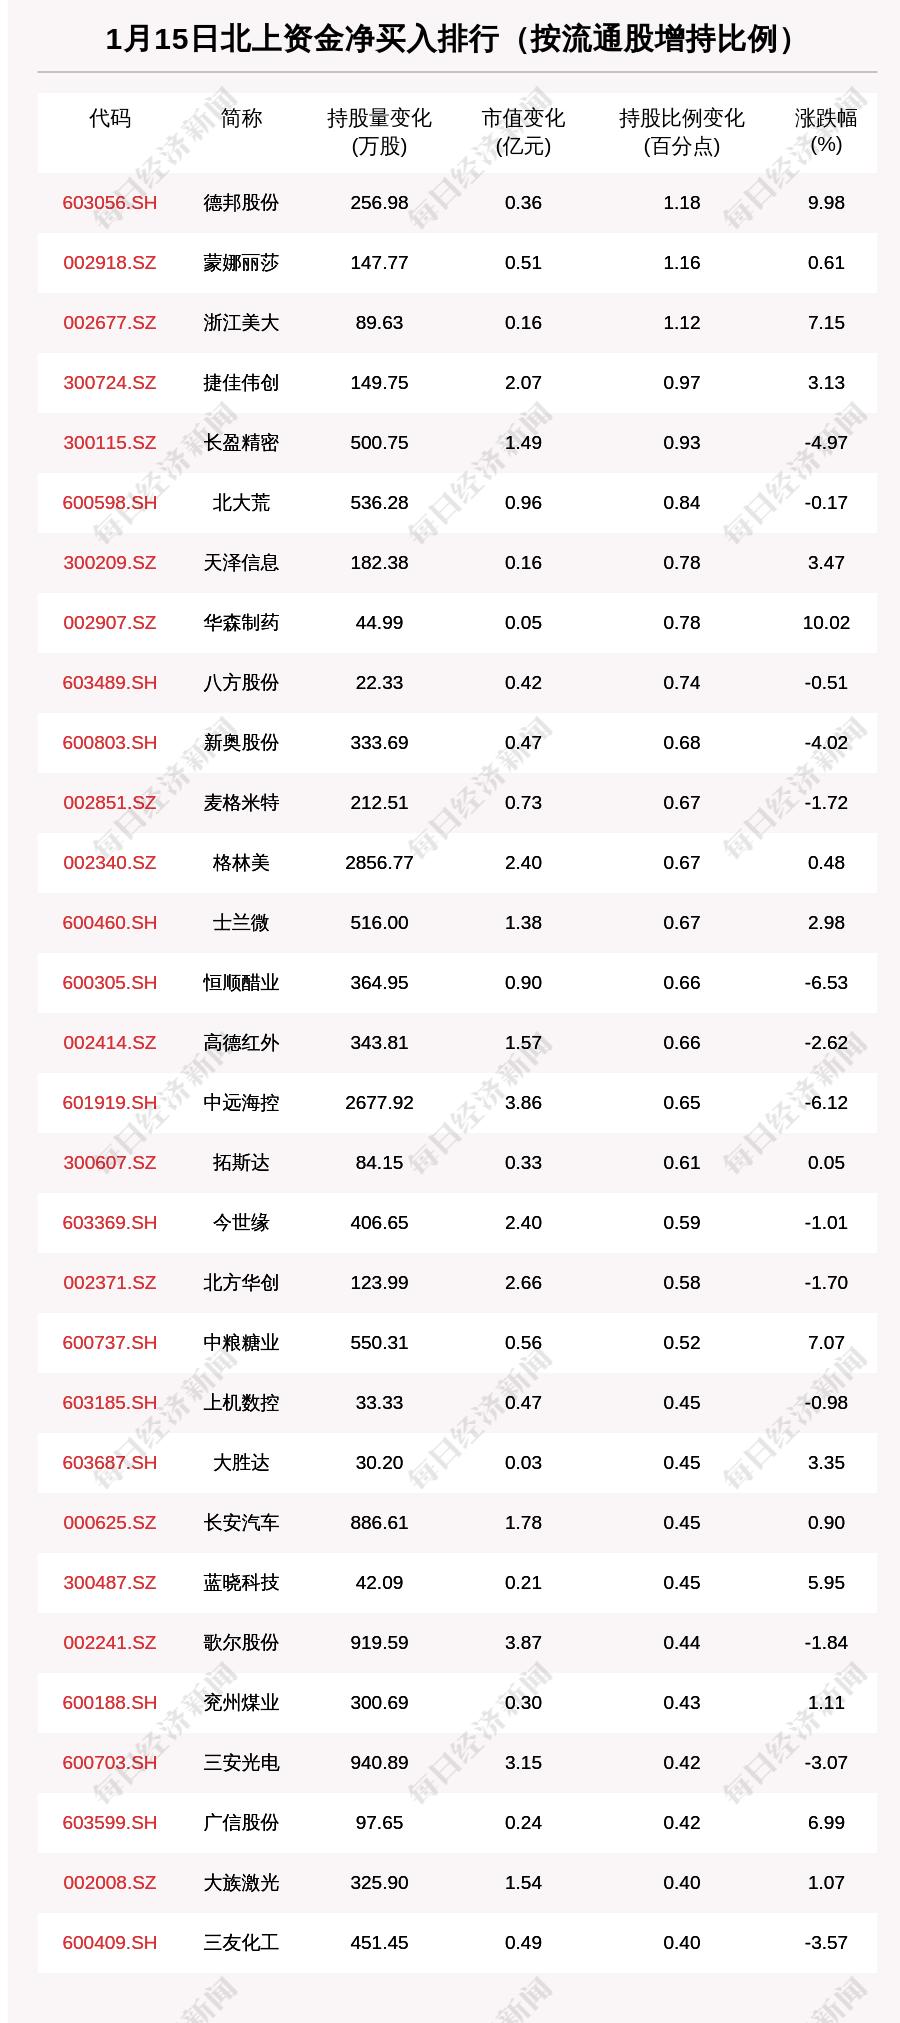 北向资金动向曝光:1月15日这30只个股被猛烈扫货(附名单)